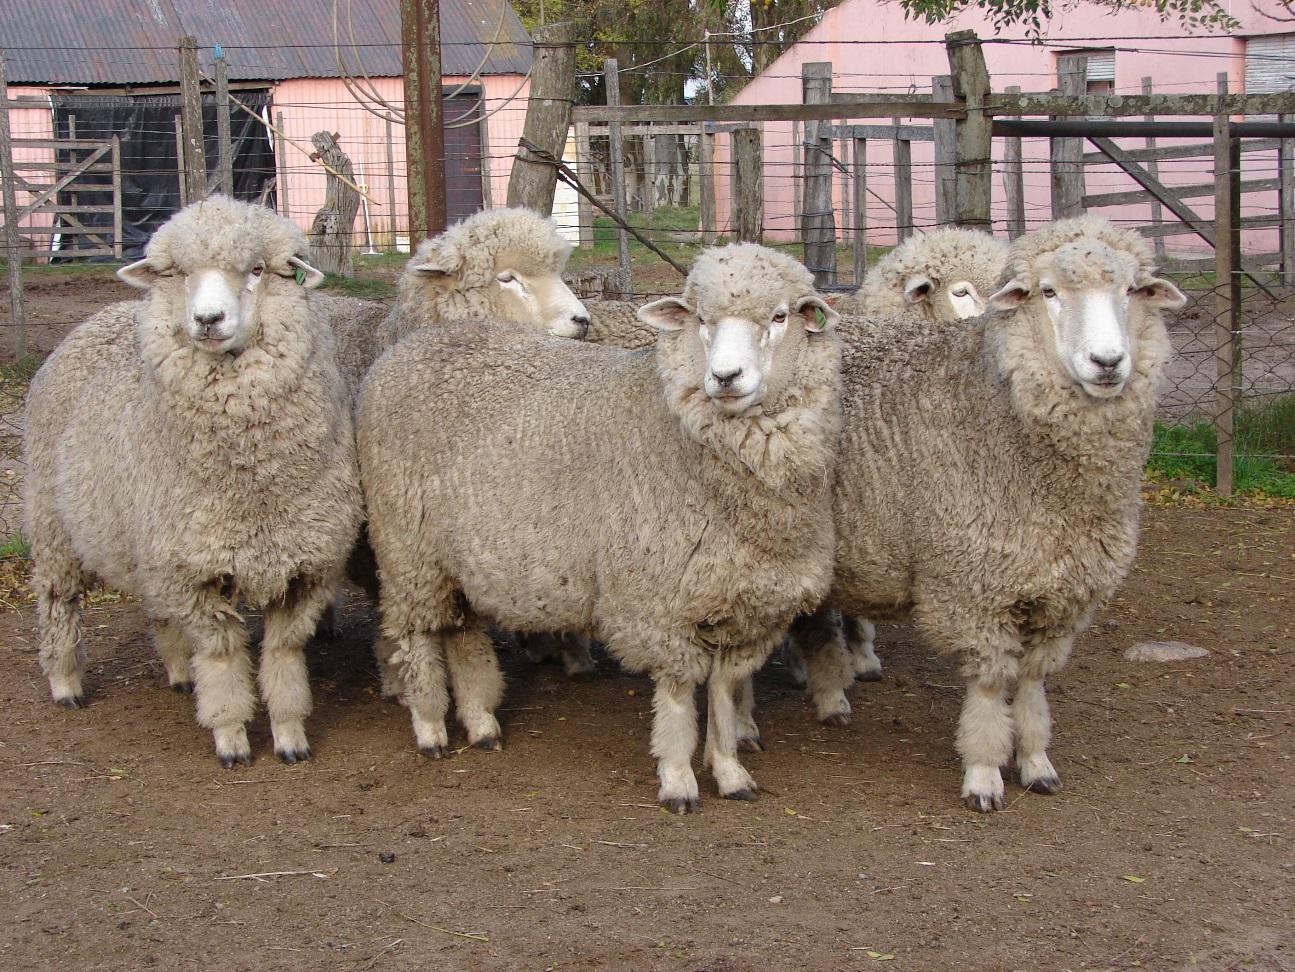 Concurso de proyectos en producción ovina para jóvenes organizado por Corriedale Uruguay